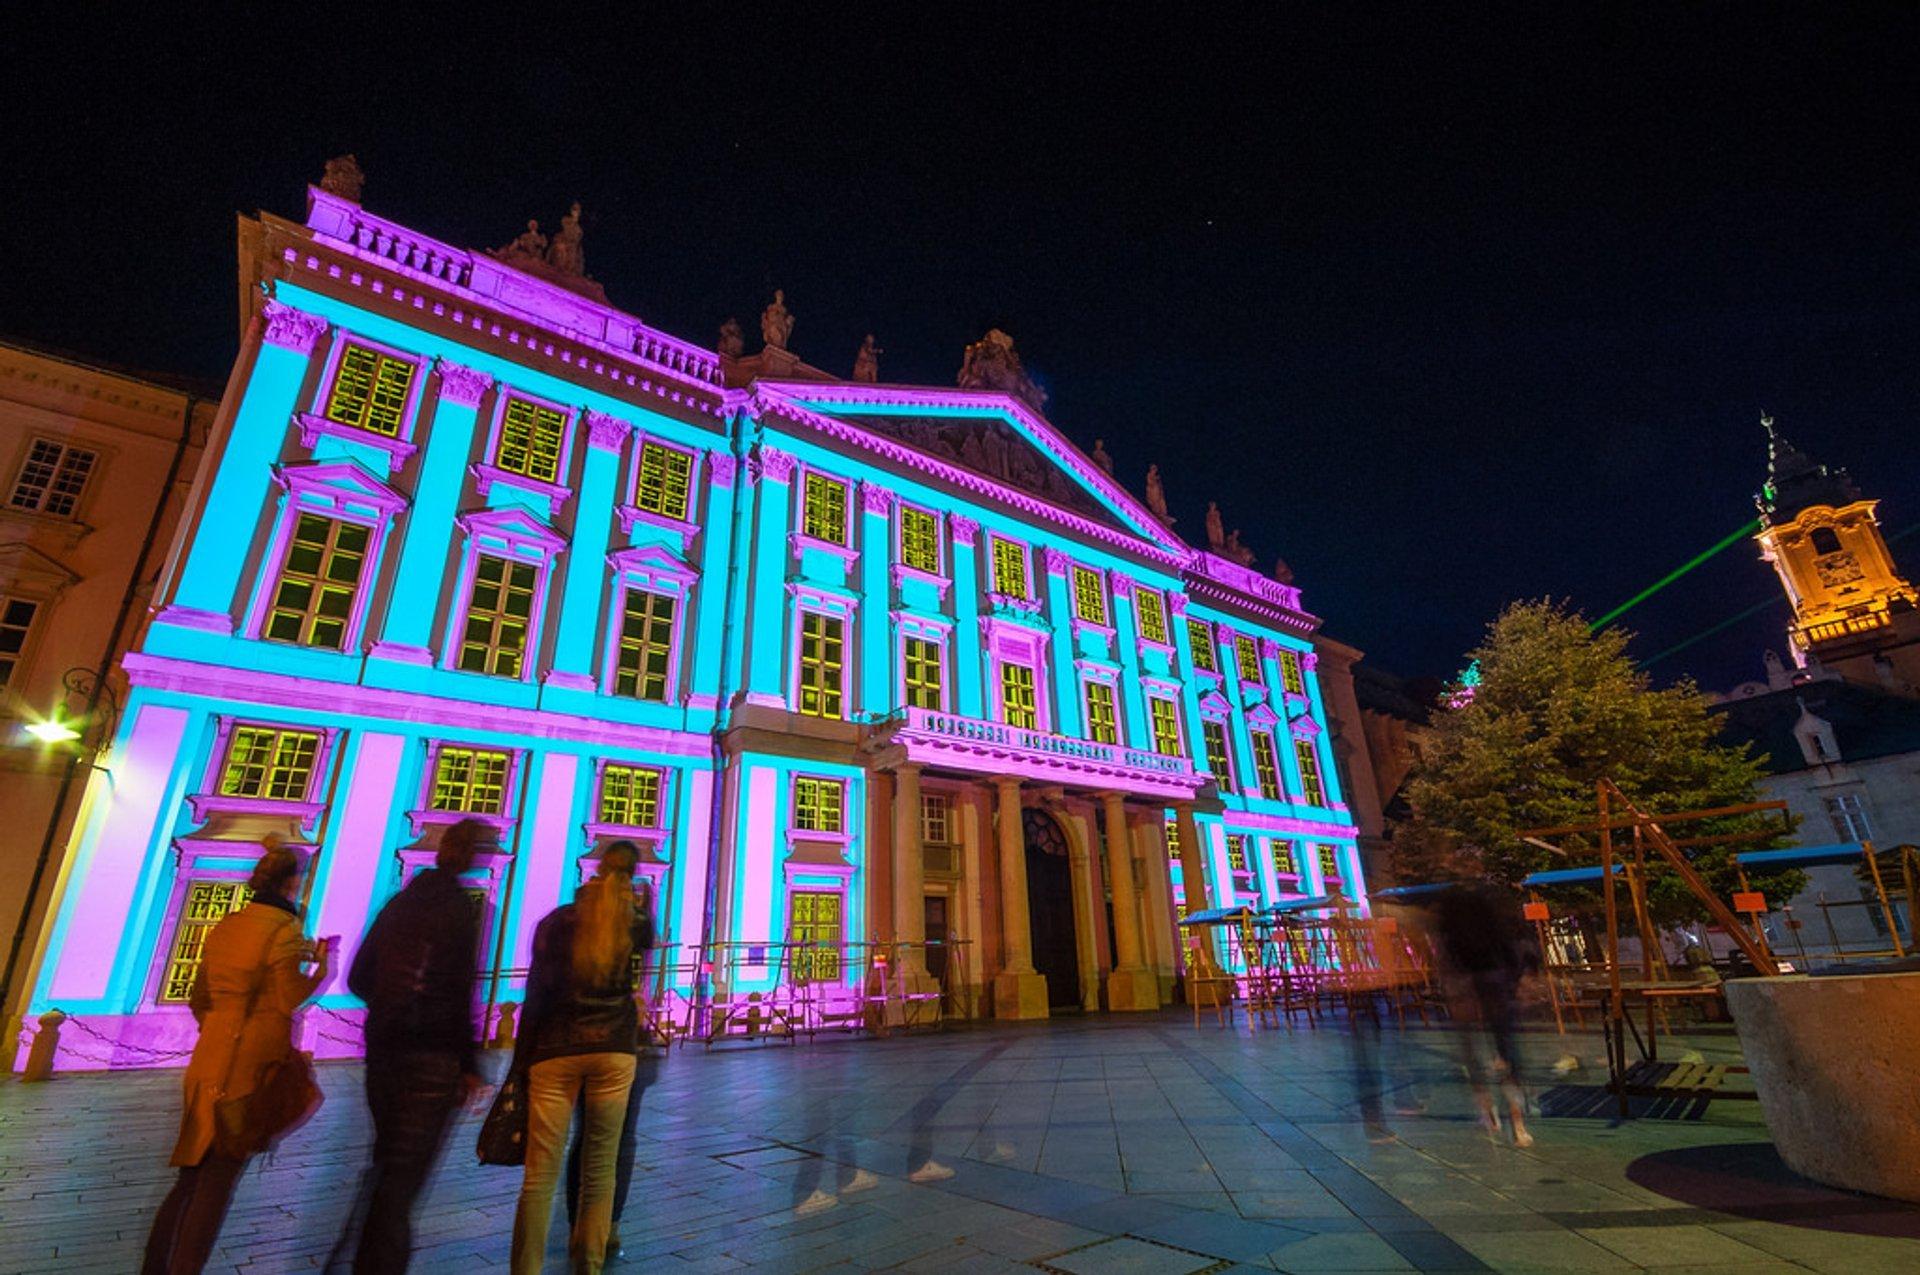 Festival of Light (Festival Svetla) in Slovakia - Best Season 2019